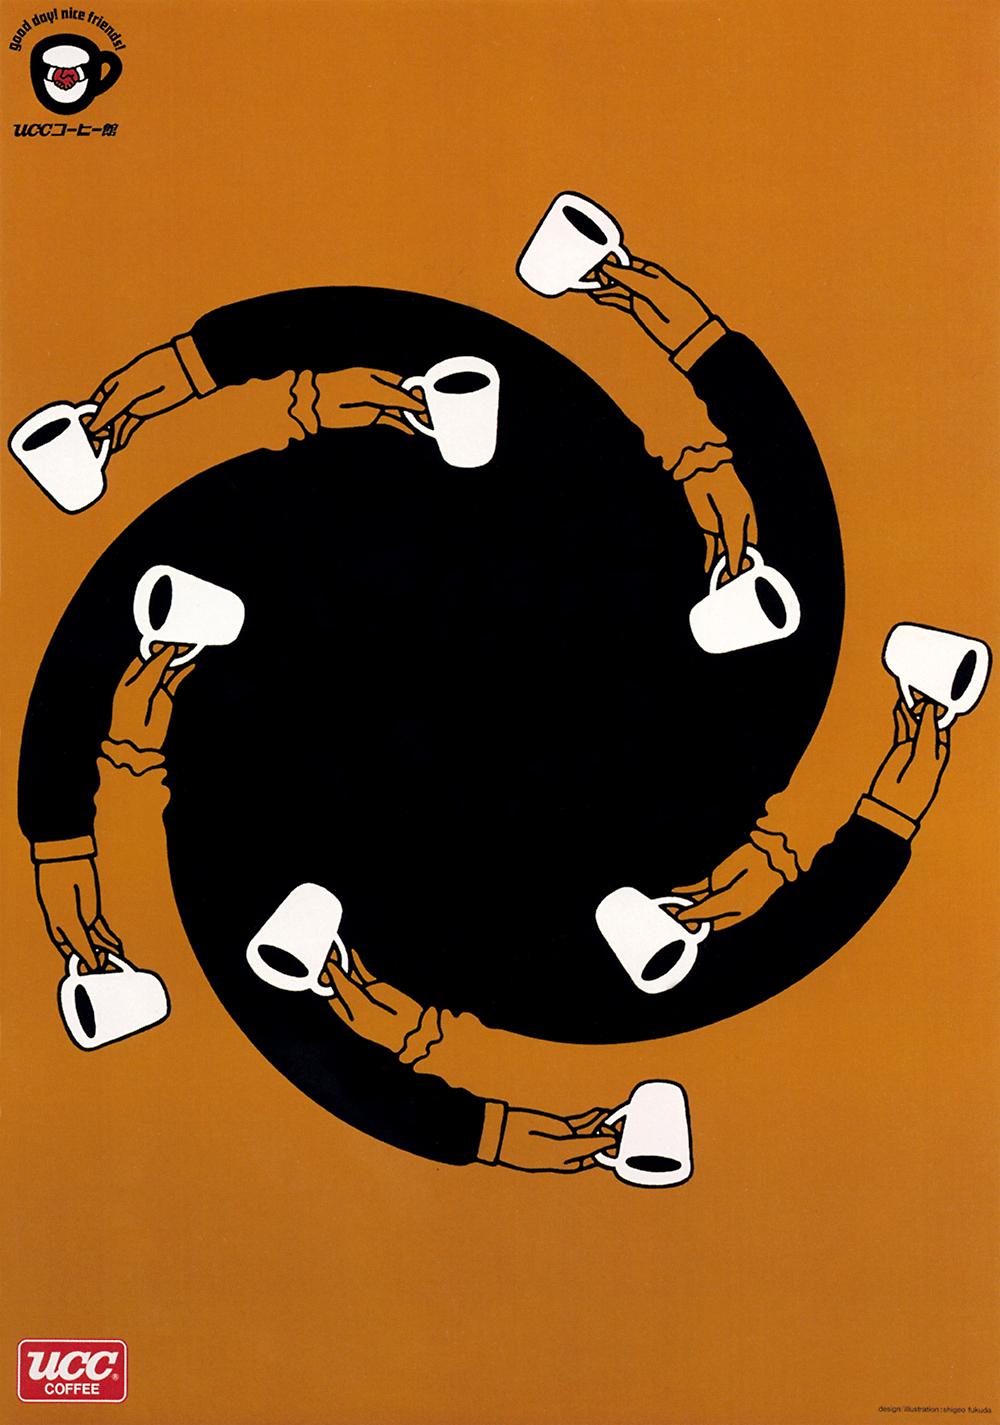 shigeo-fukuda-UCC-coffee